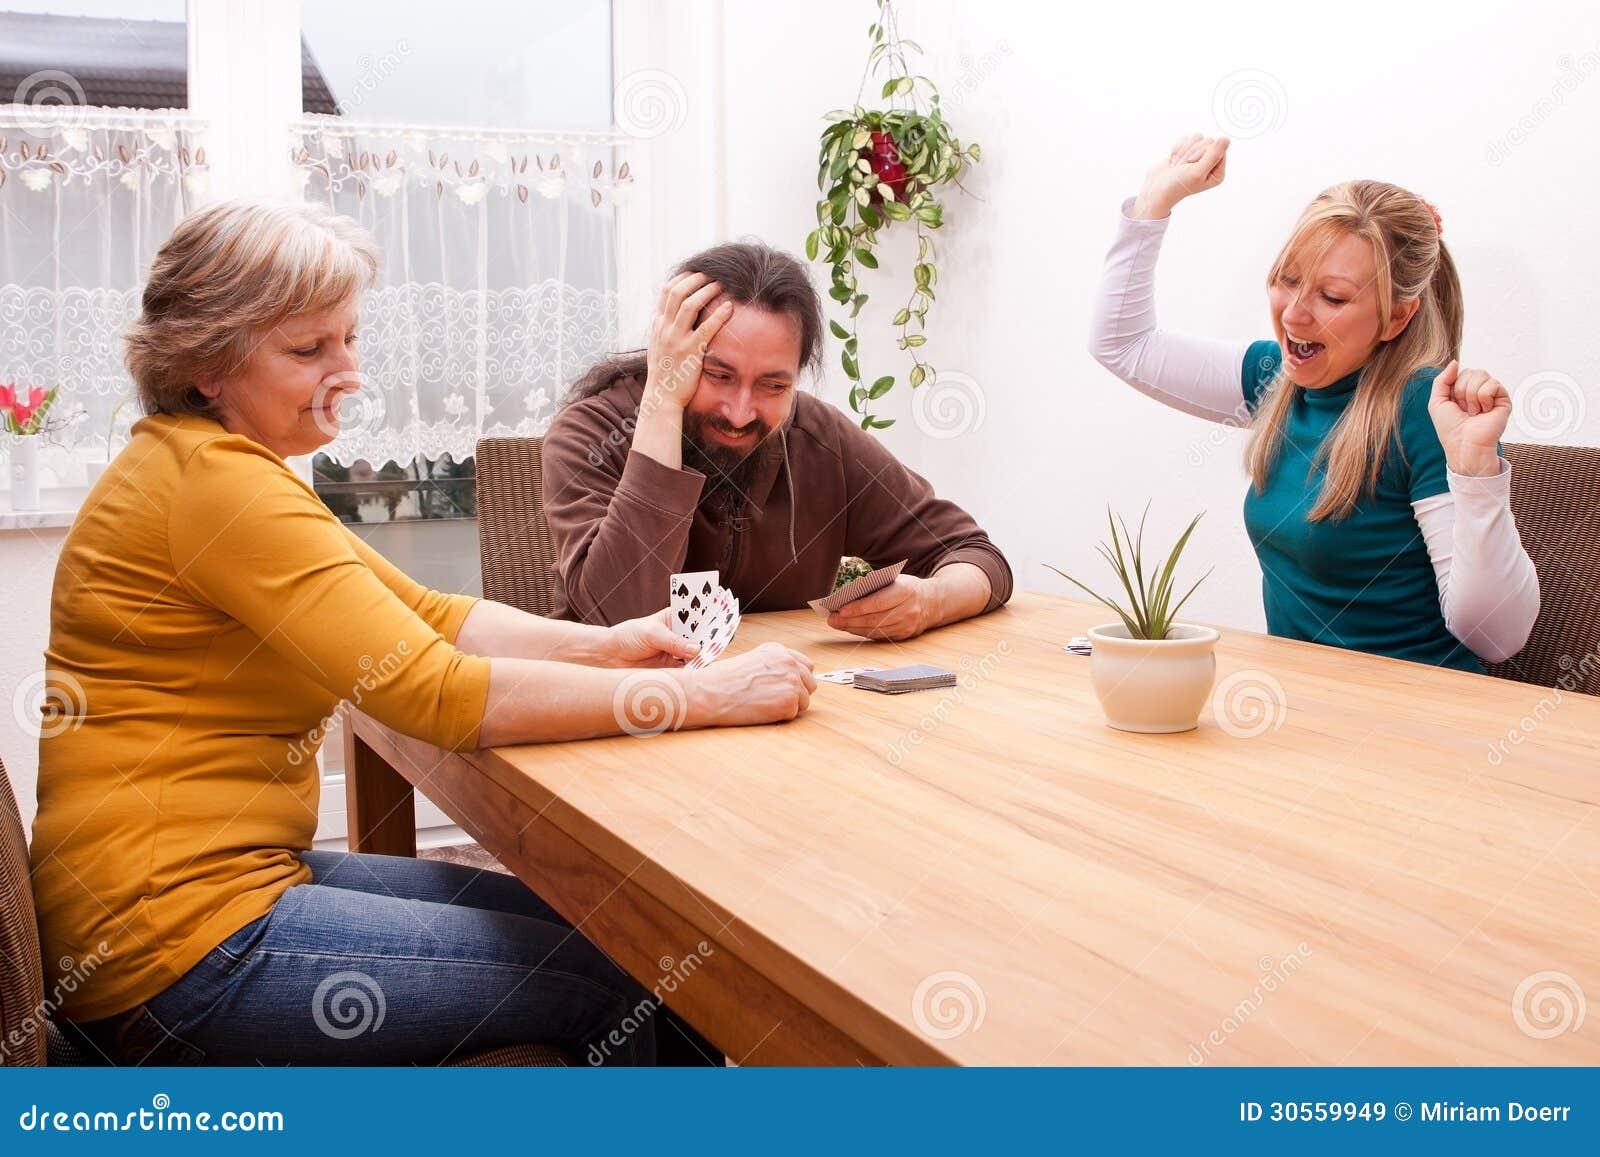 La familia está jugando a juegos y se está divirtiendo